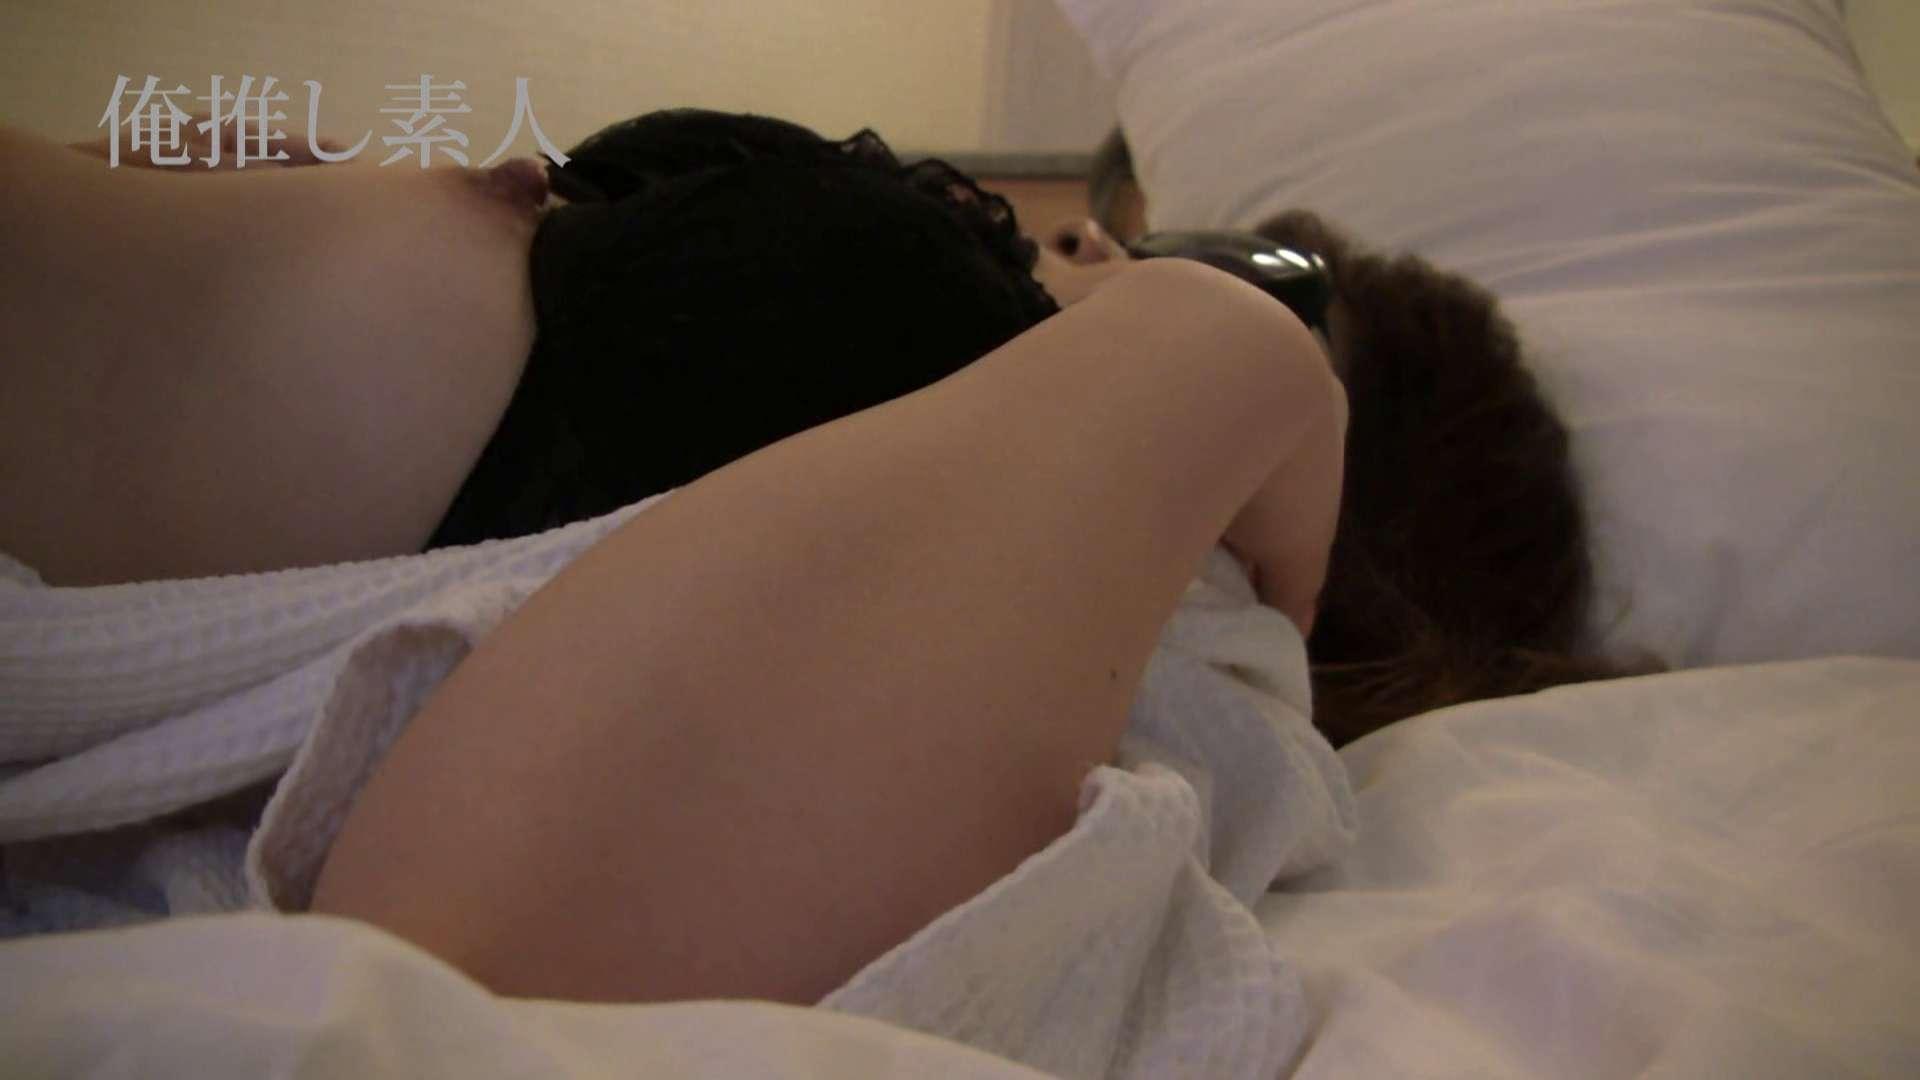 俺推し素人 ゆき ホテル おまんこ無修正動画無料 50連発 23